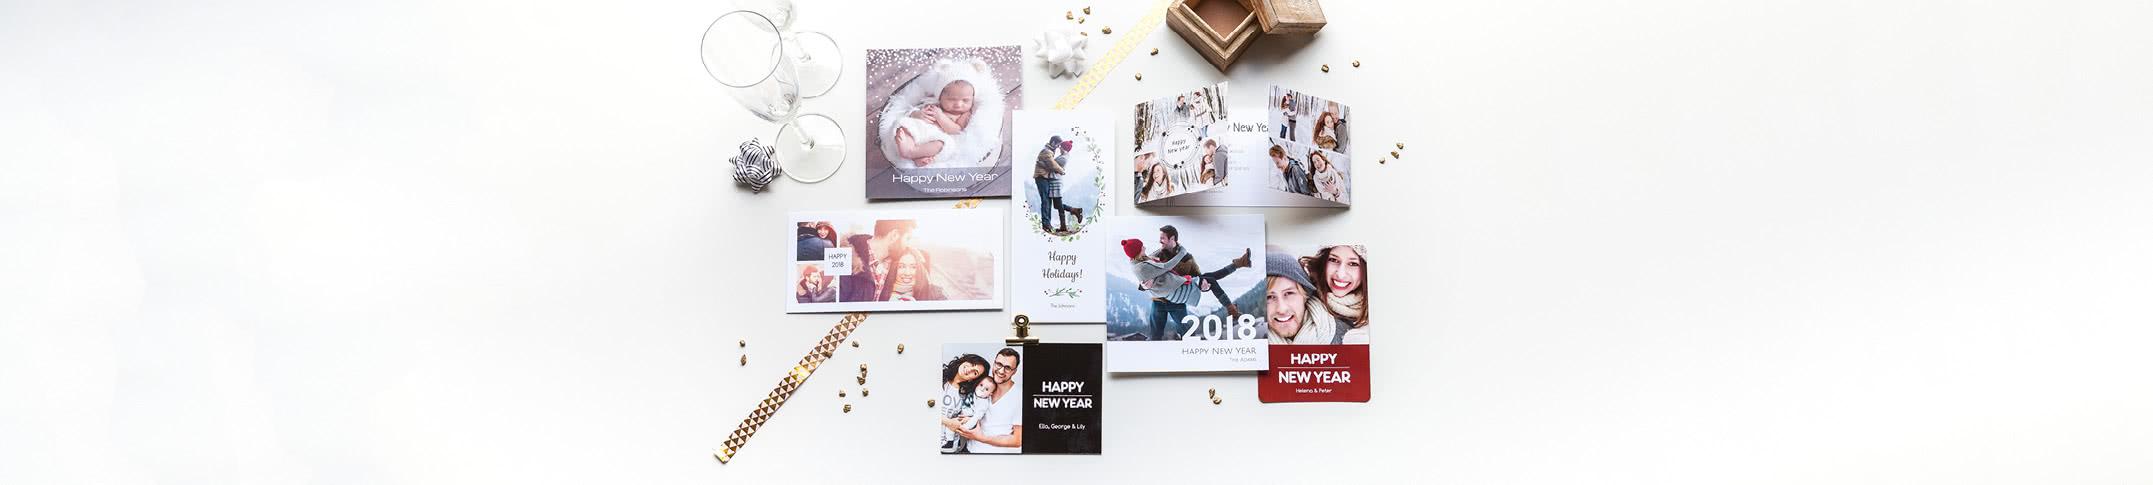 Gepersonaliseerde nieuwjaarskaarten maken